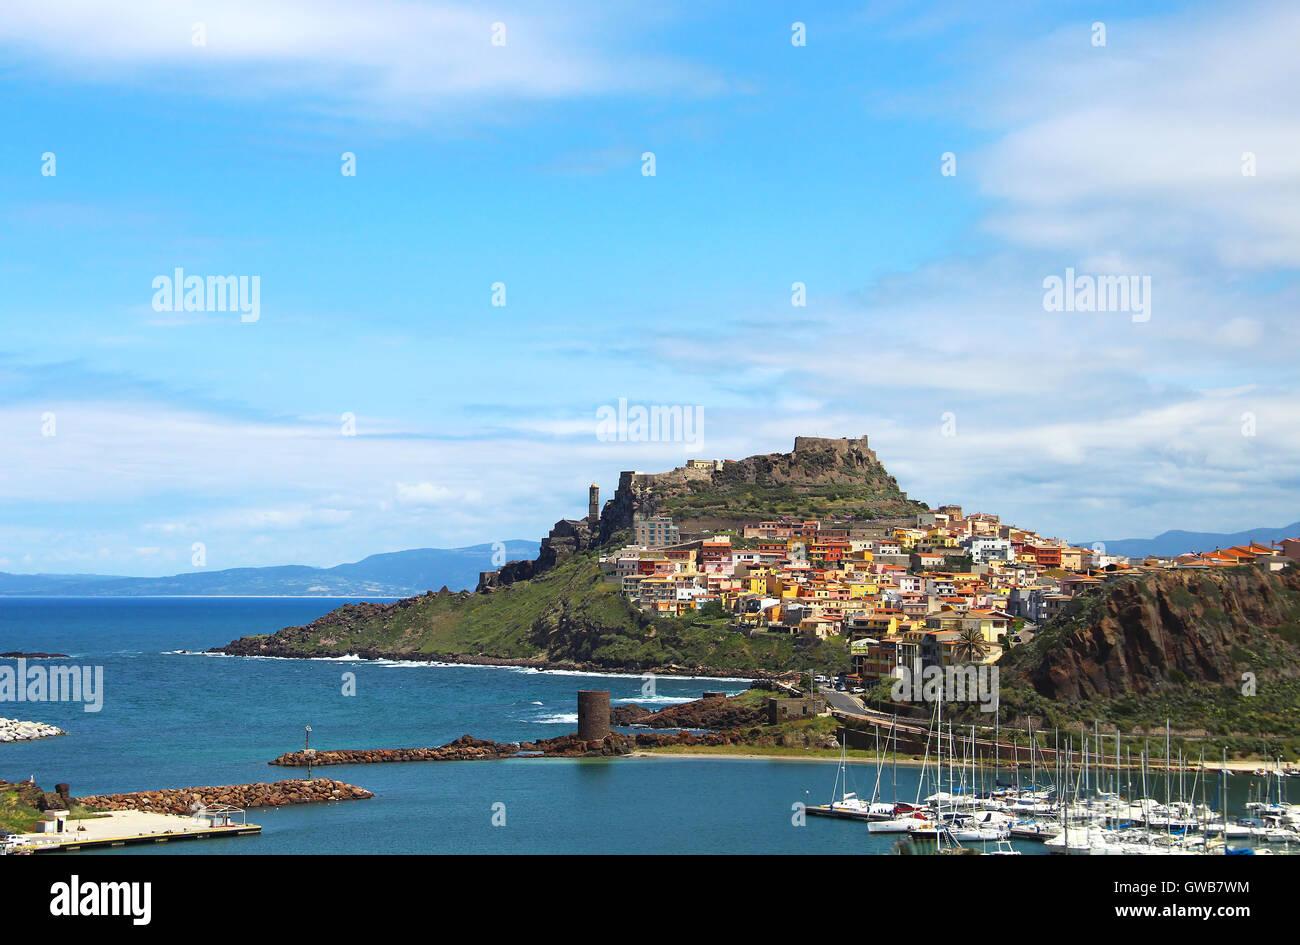 Medieval town of Castelsardo on Sardinia, Italy - Stock Image